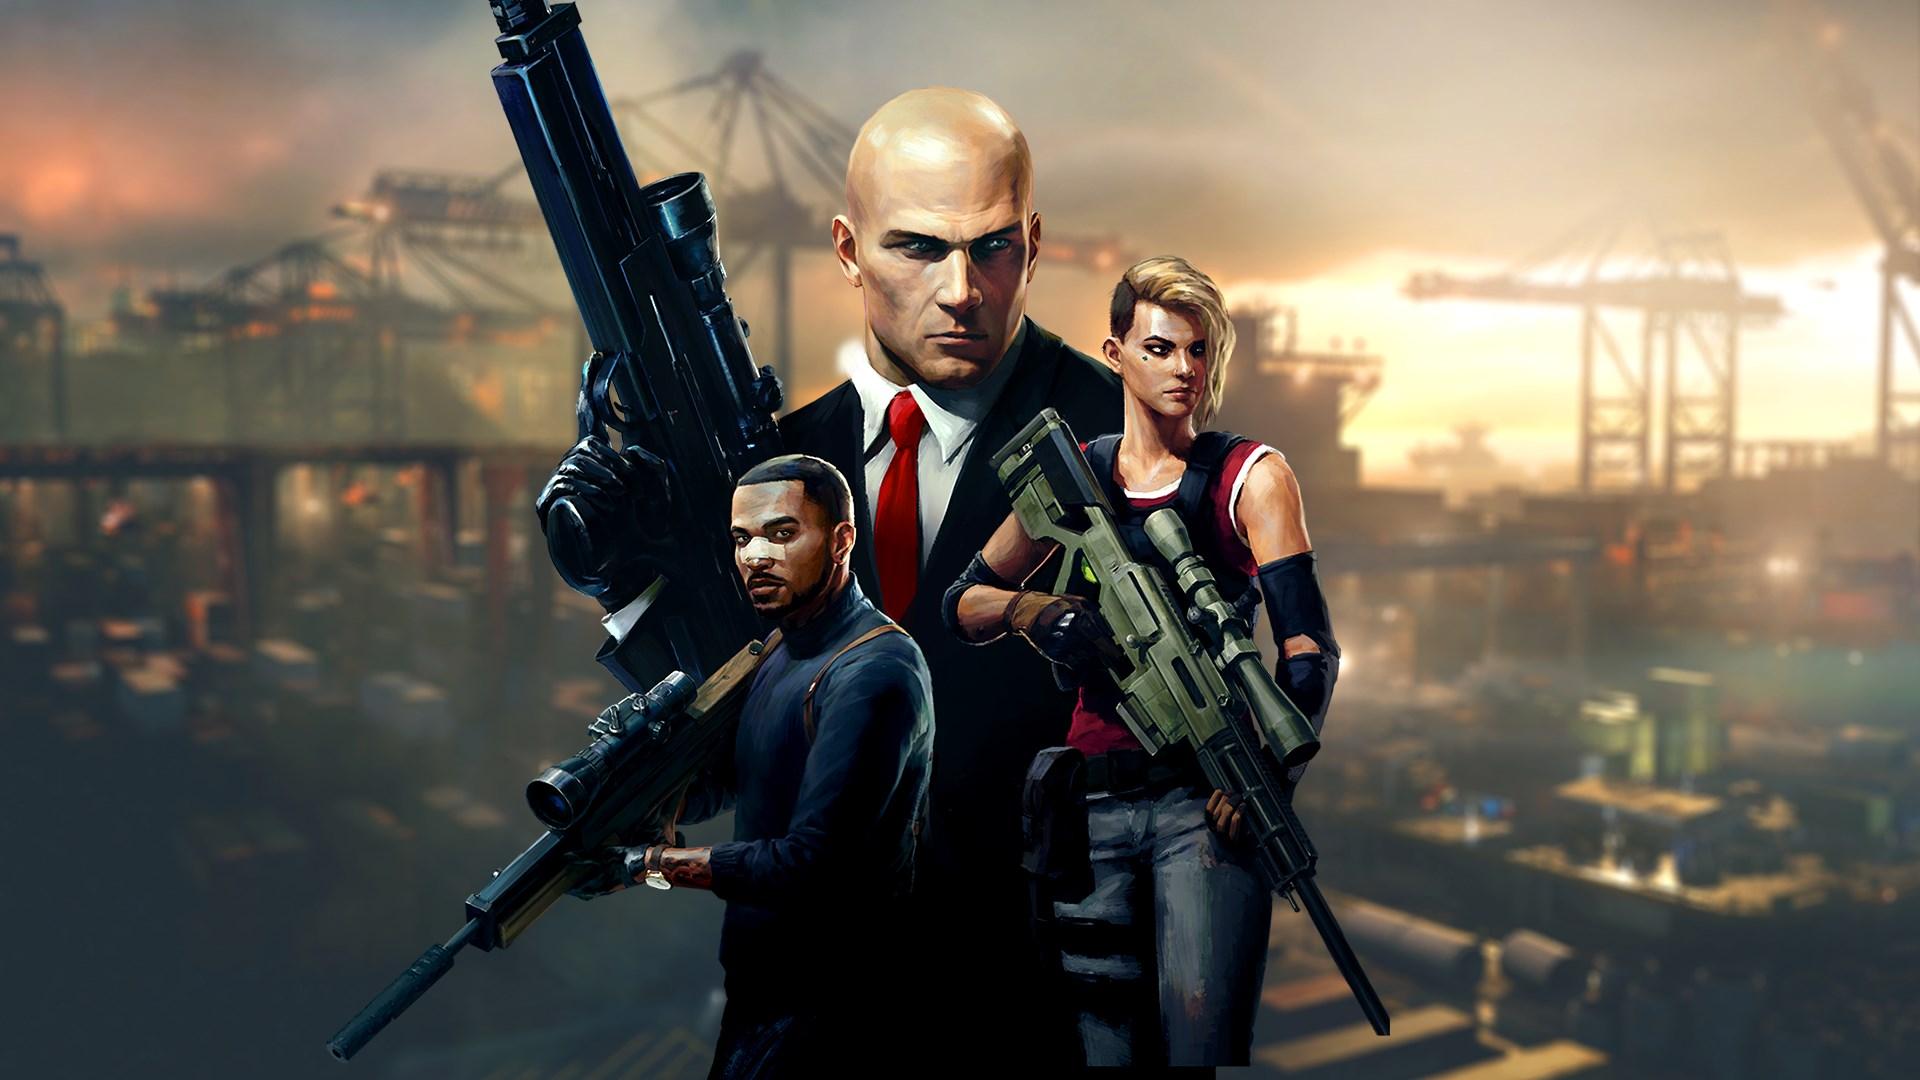 Oyunseverlerin beklediği Hitman 3, yayınlandı.